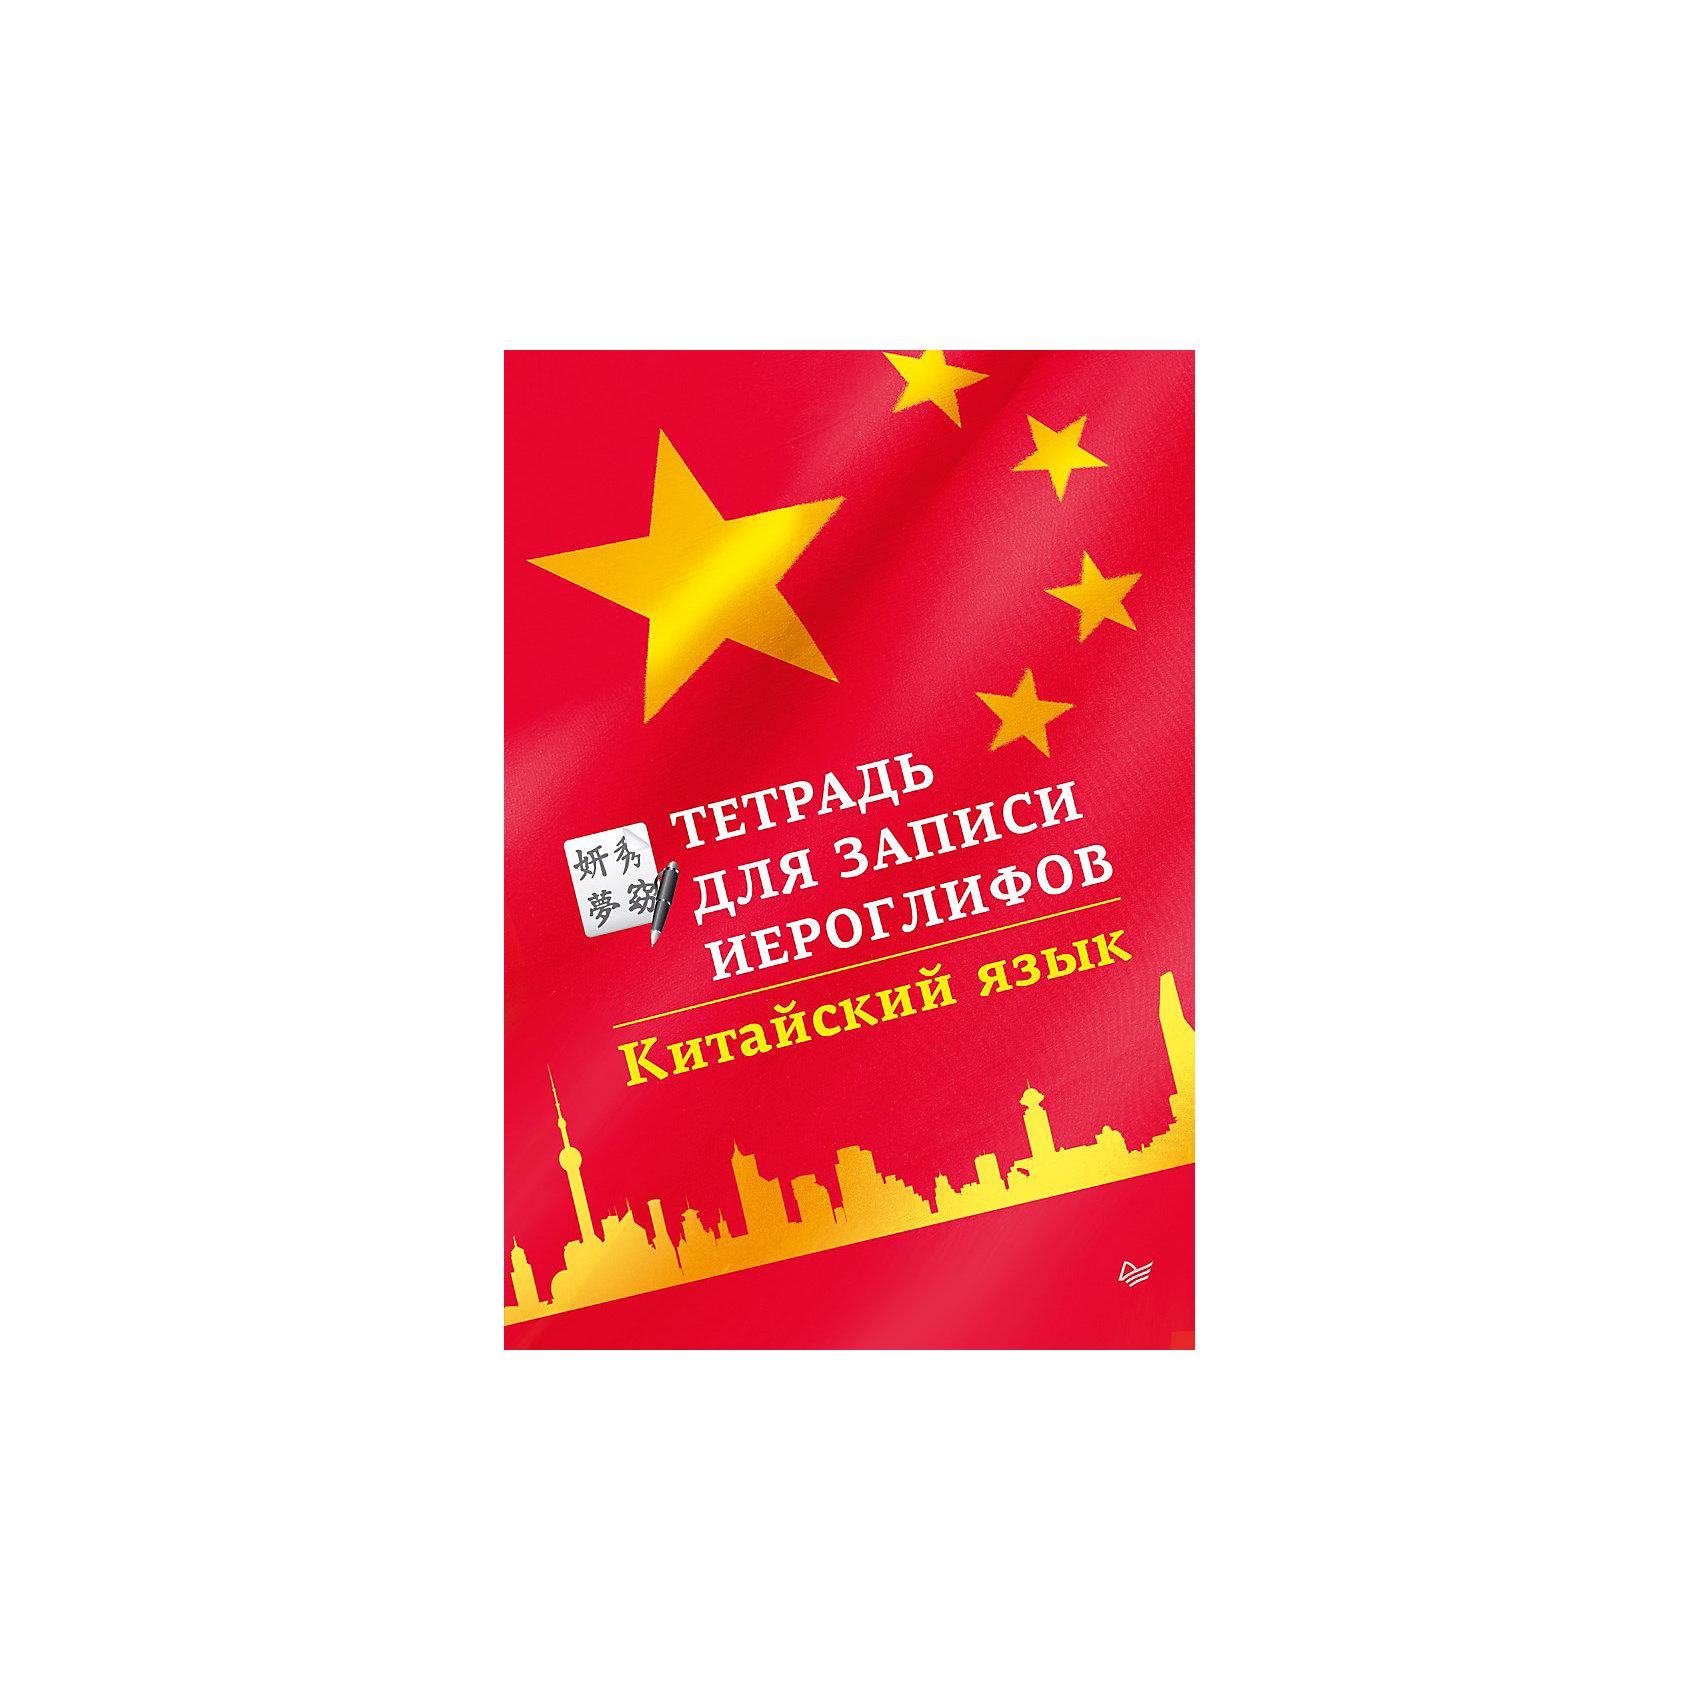 Тетрадь для записи иероглифов: Китайский языкОбучающие книги<br>Тематическая тетрадь в клетку для записи иероглифов станет хорошим подспорьем в изучении китайского языка.<br><br>Ширина мм: 165<br>Глубина мм: 115<br>Высота мм: 30<br>Вес г: 39<br>Возраст от месяцев: 12<br>Возраст до месяцев: 2147483647<br>Пол: Унисекс<br>Возраст: Детский<br>SKU: 5576716